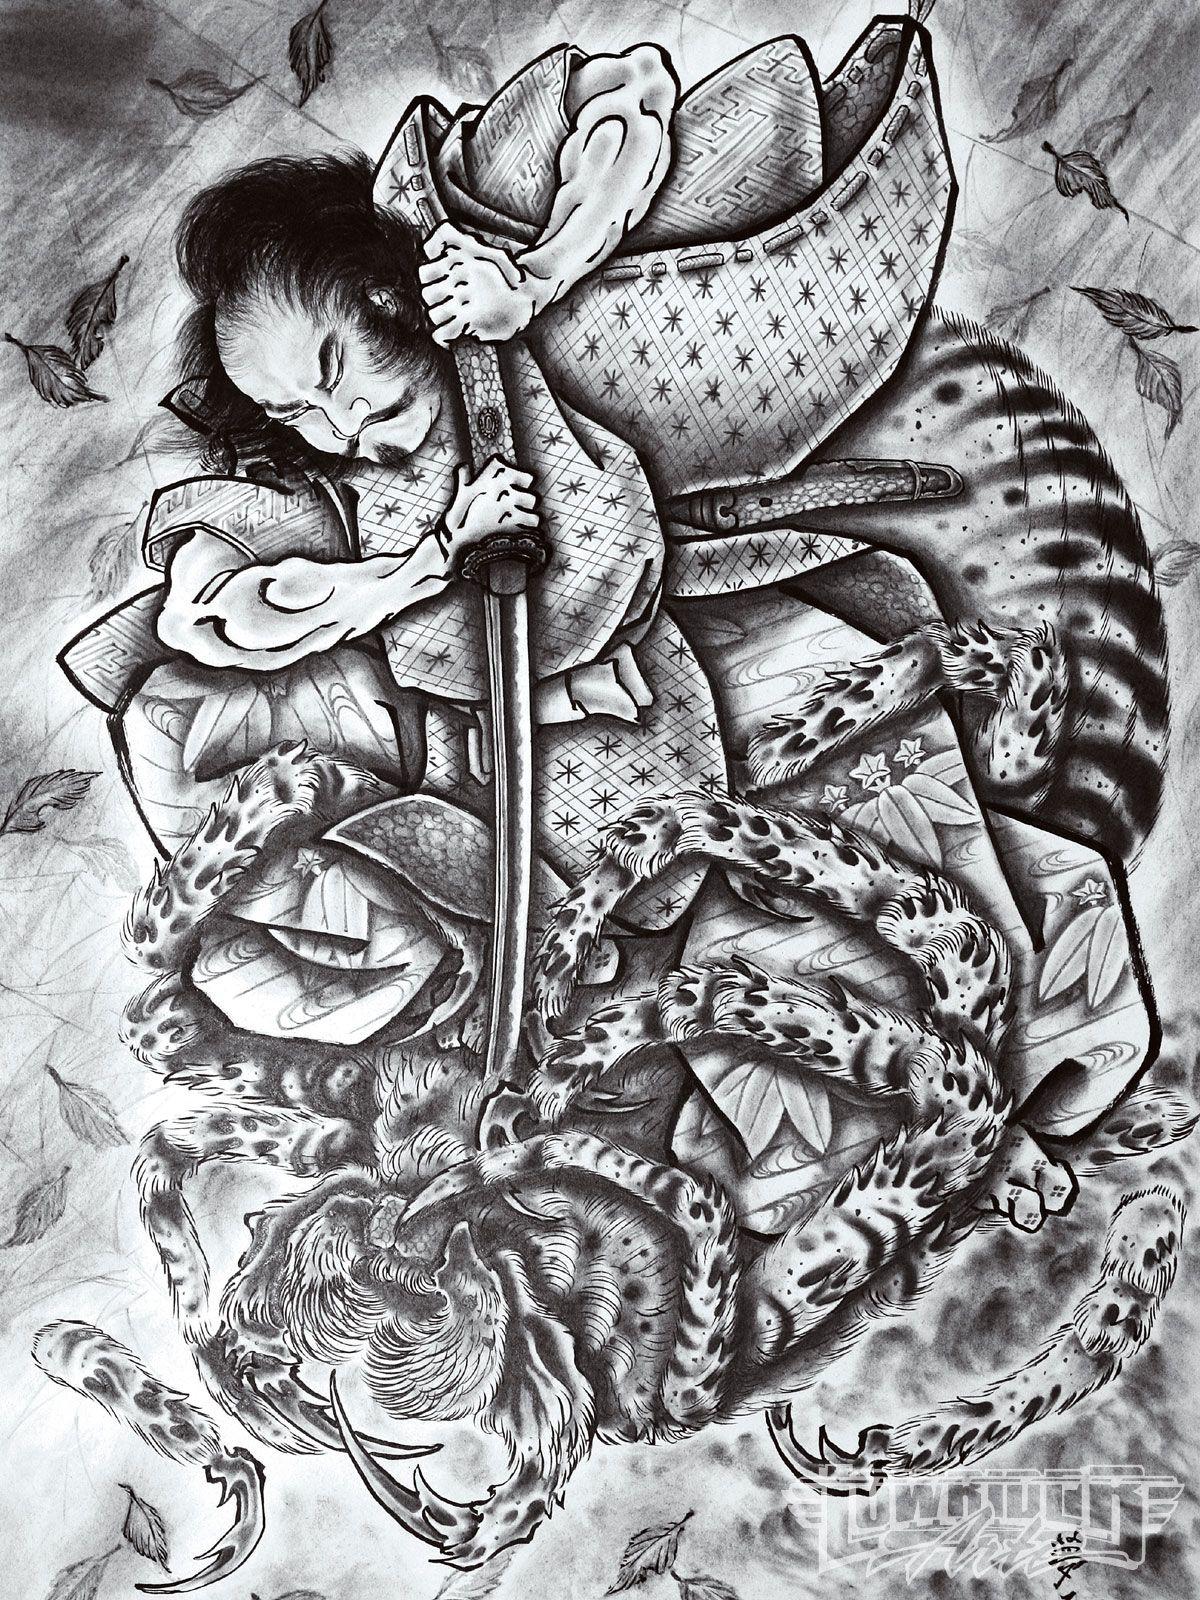 Tattoo Artist - Horiyoshi III - Lowrider Arte Magazine